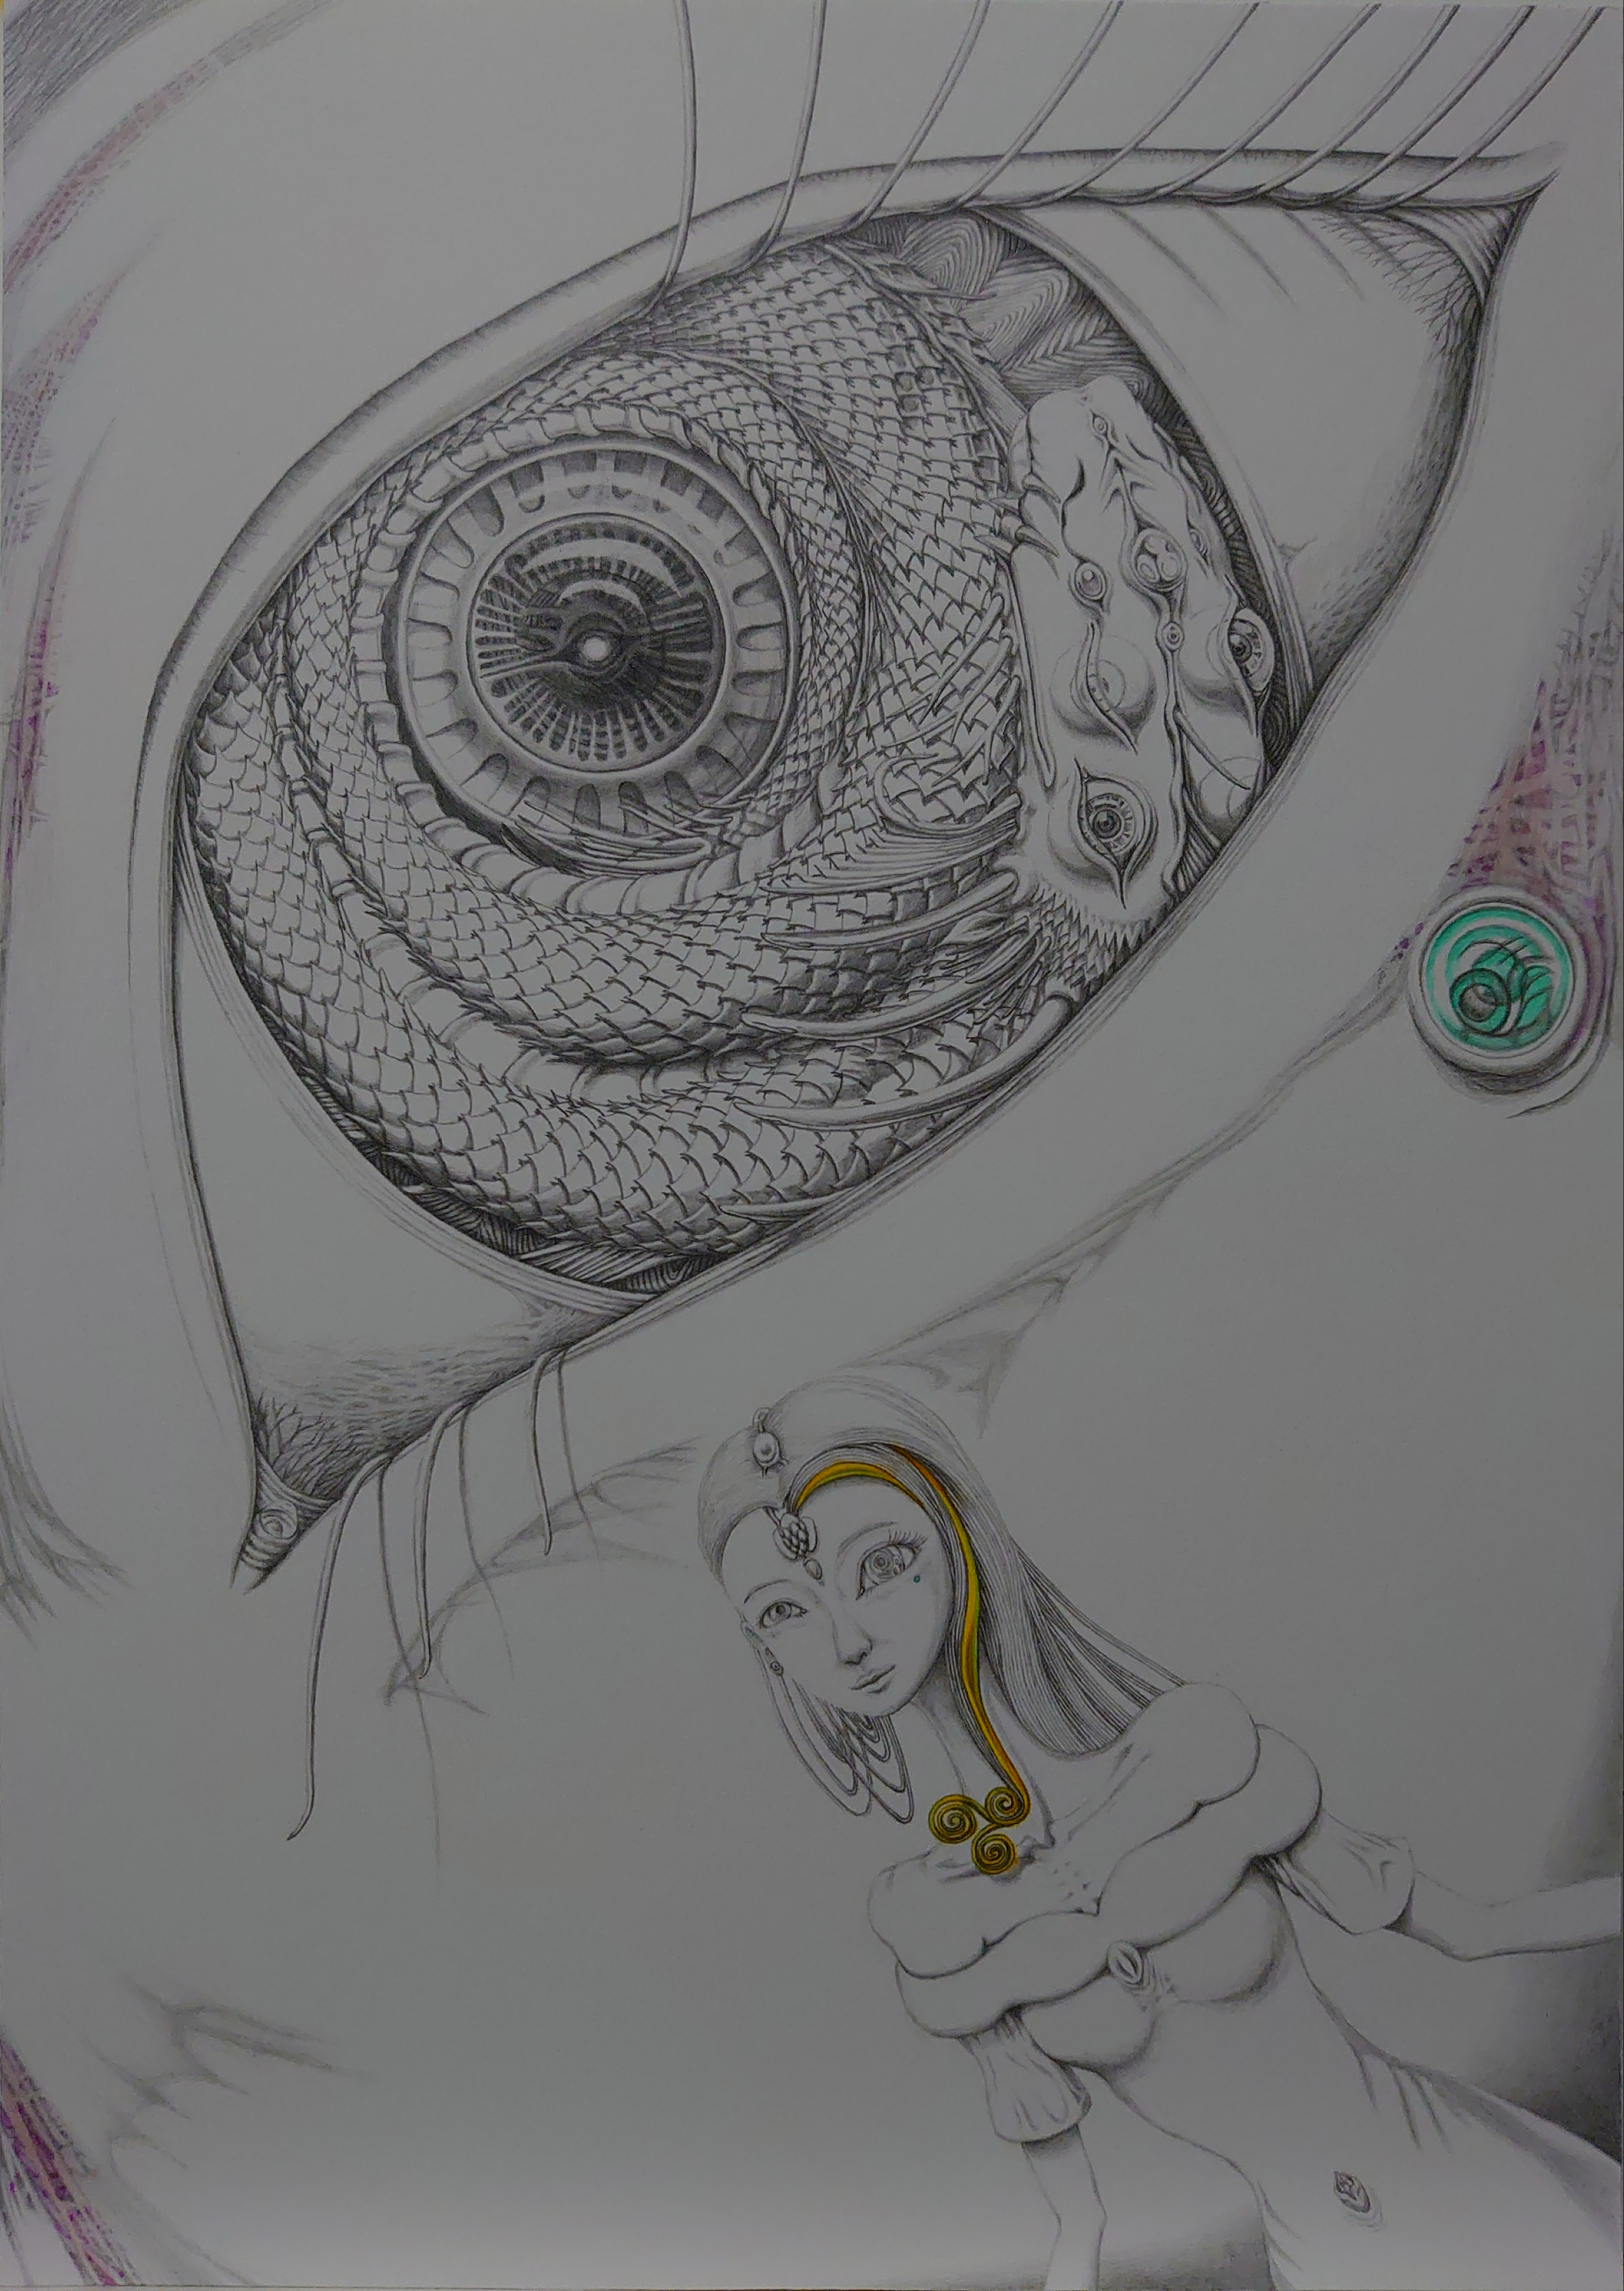 瞳の中に龍を飼う少女